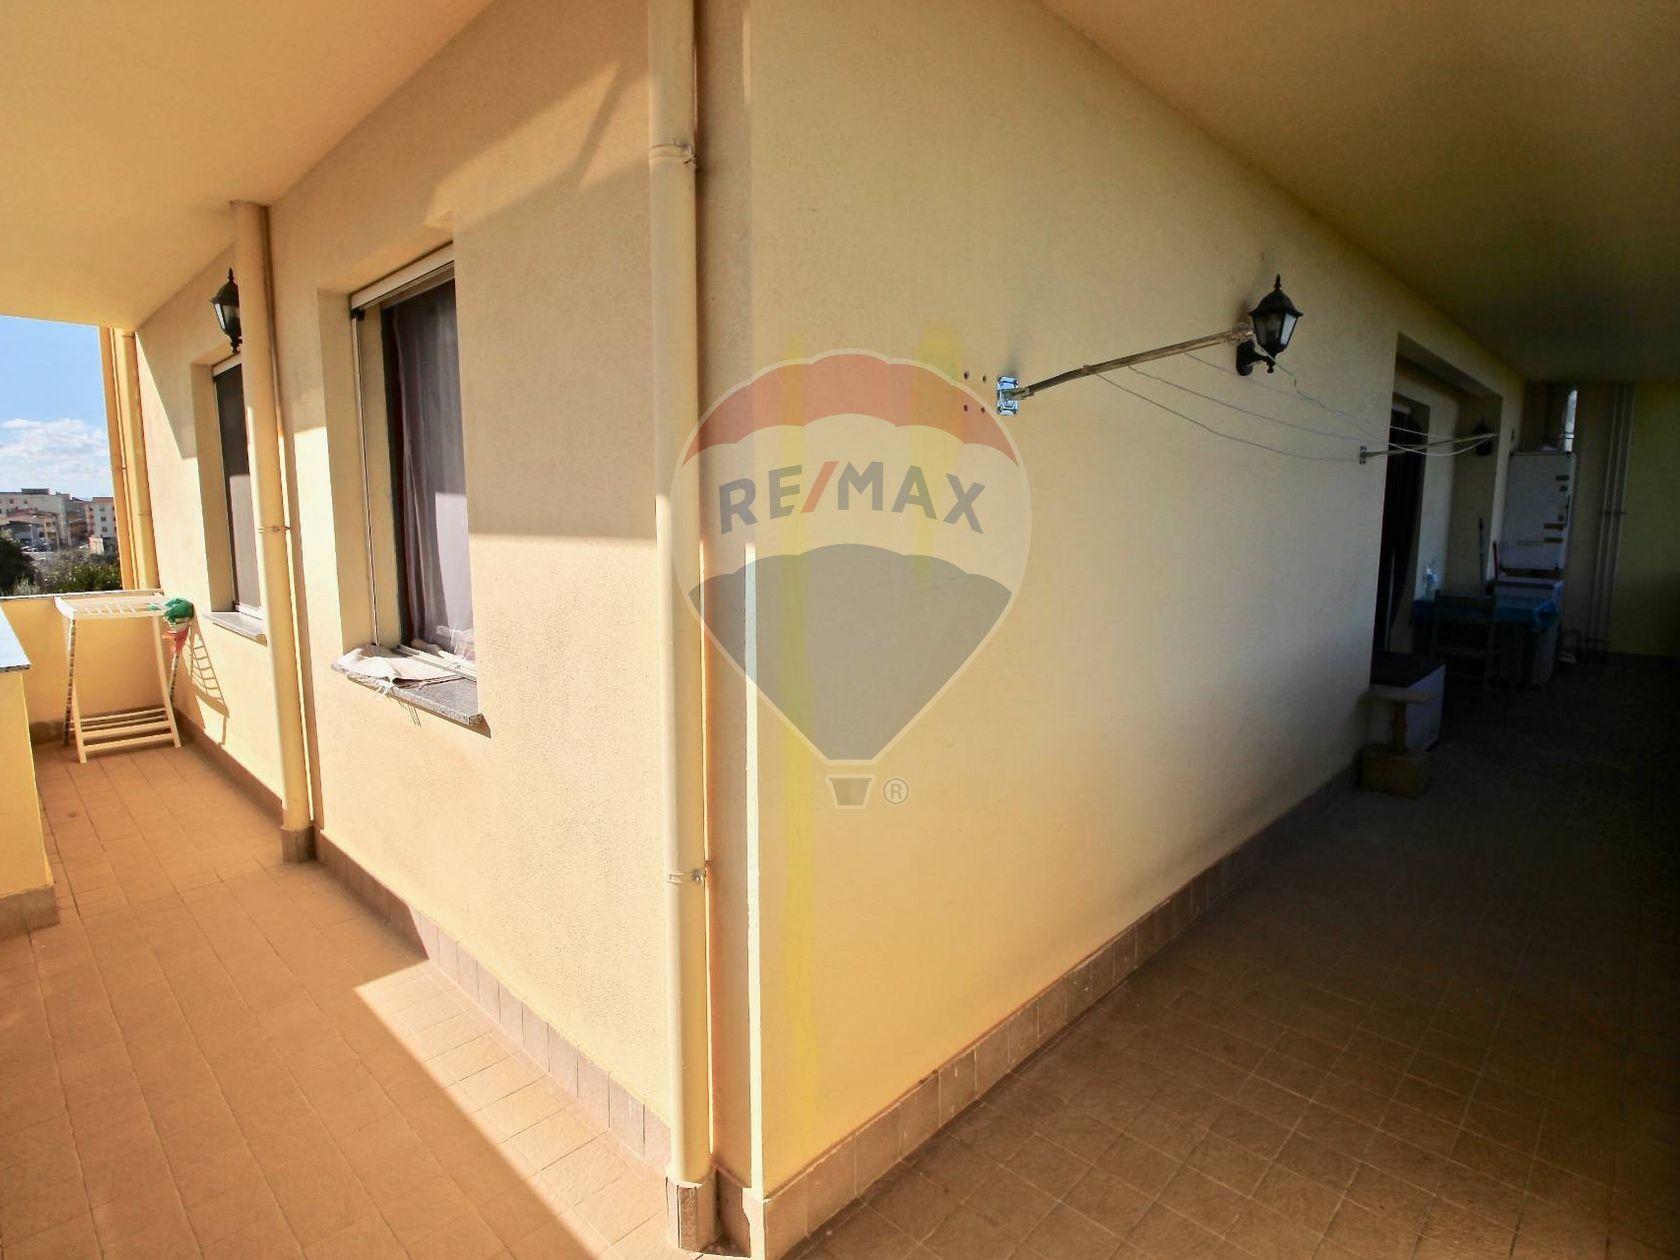 Appartamento Ss-sassari 2, Sassari, SS Vendita - Foto 3